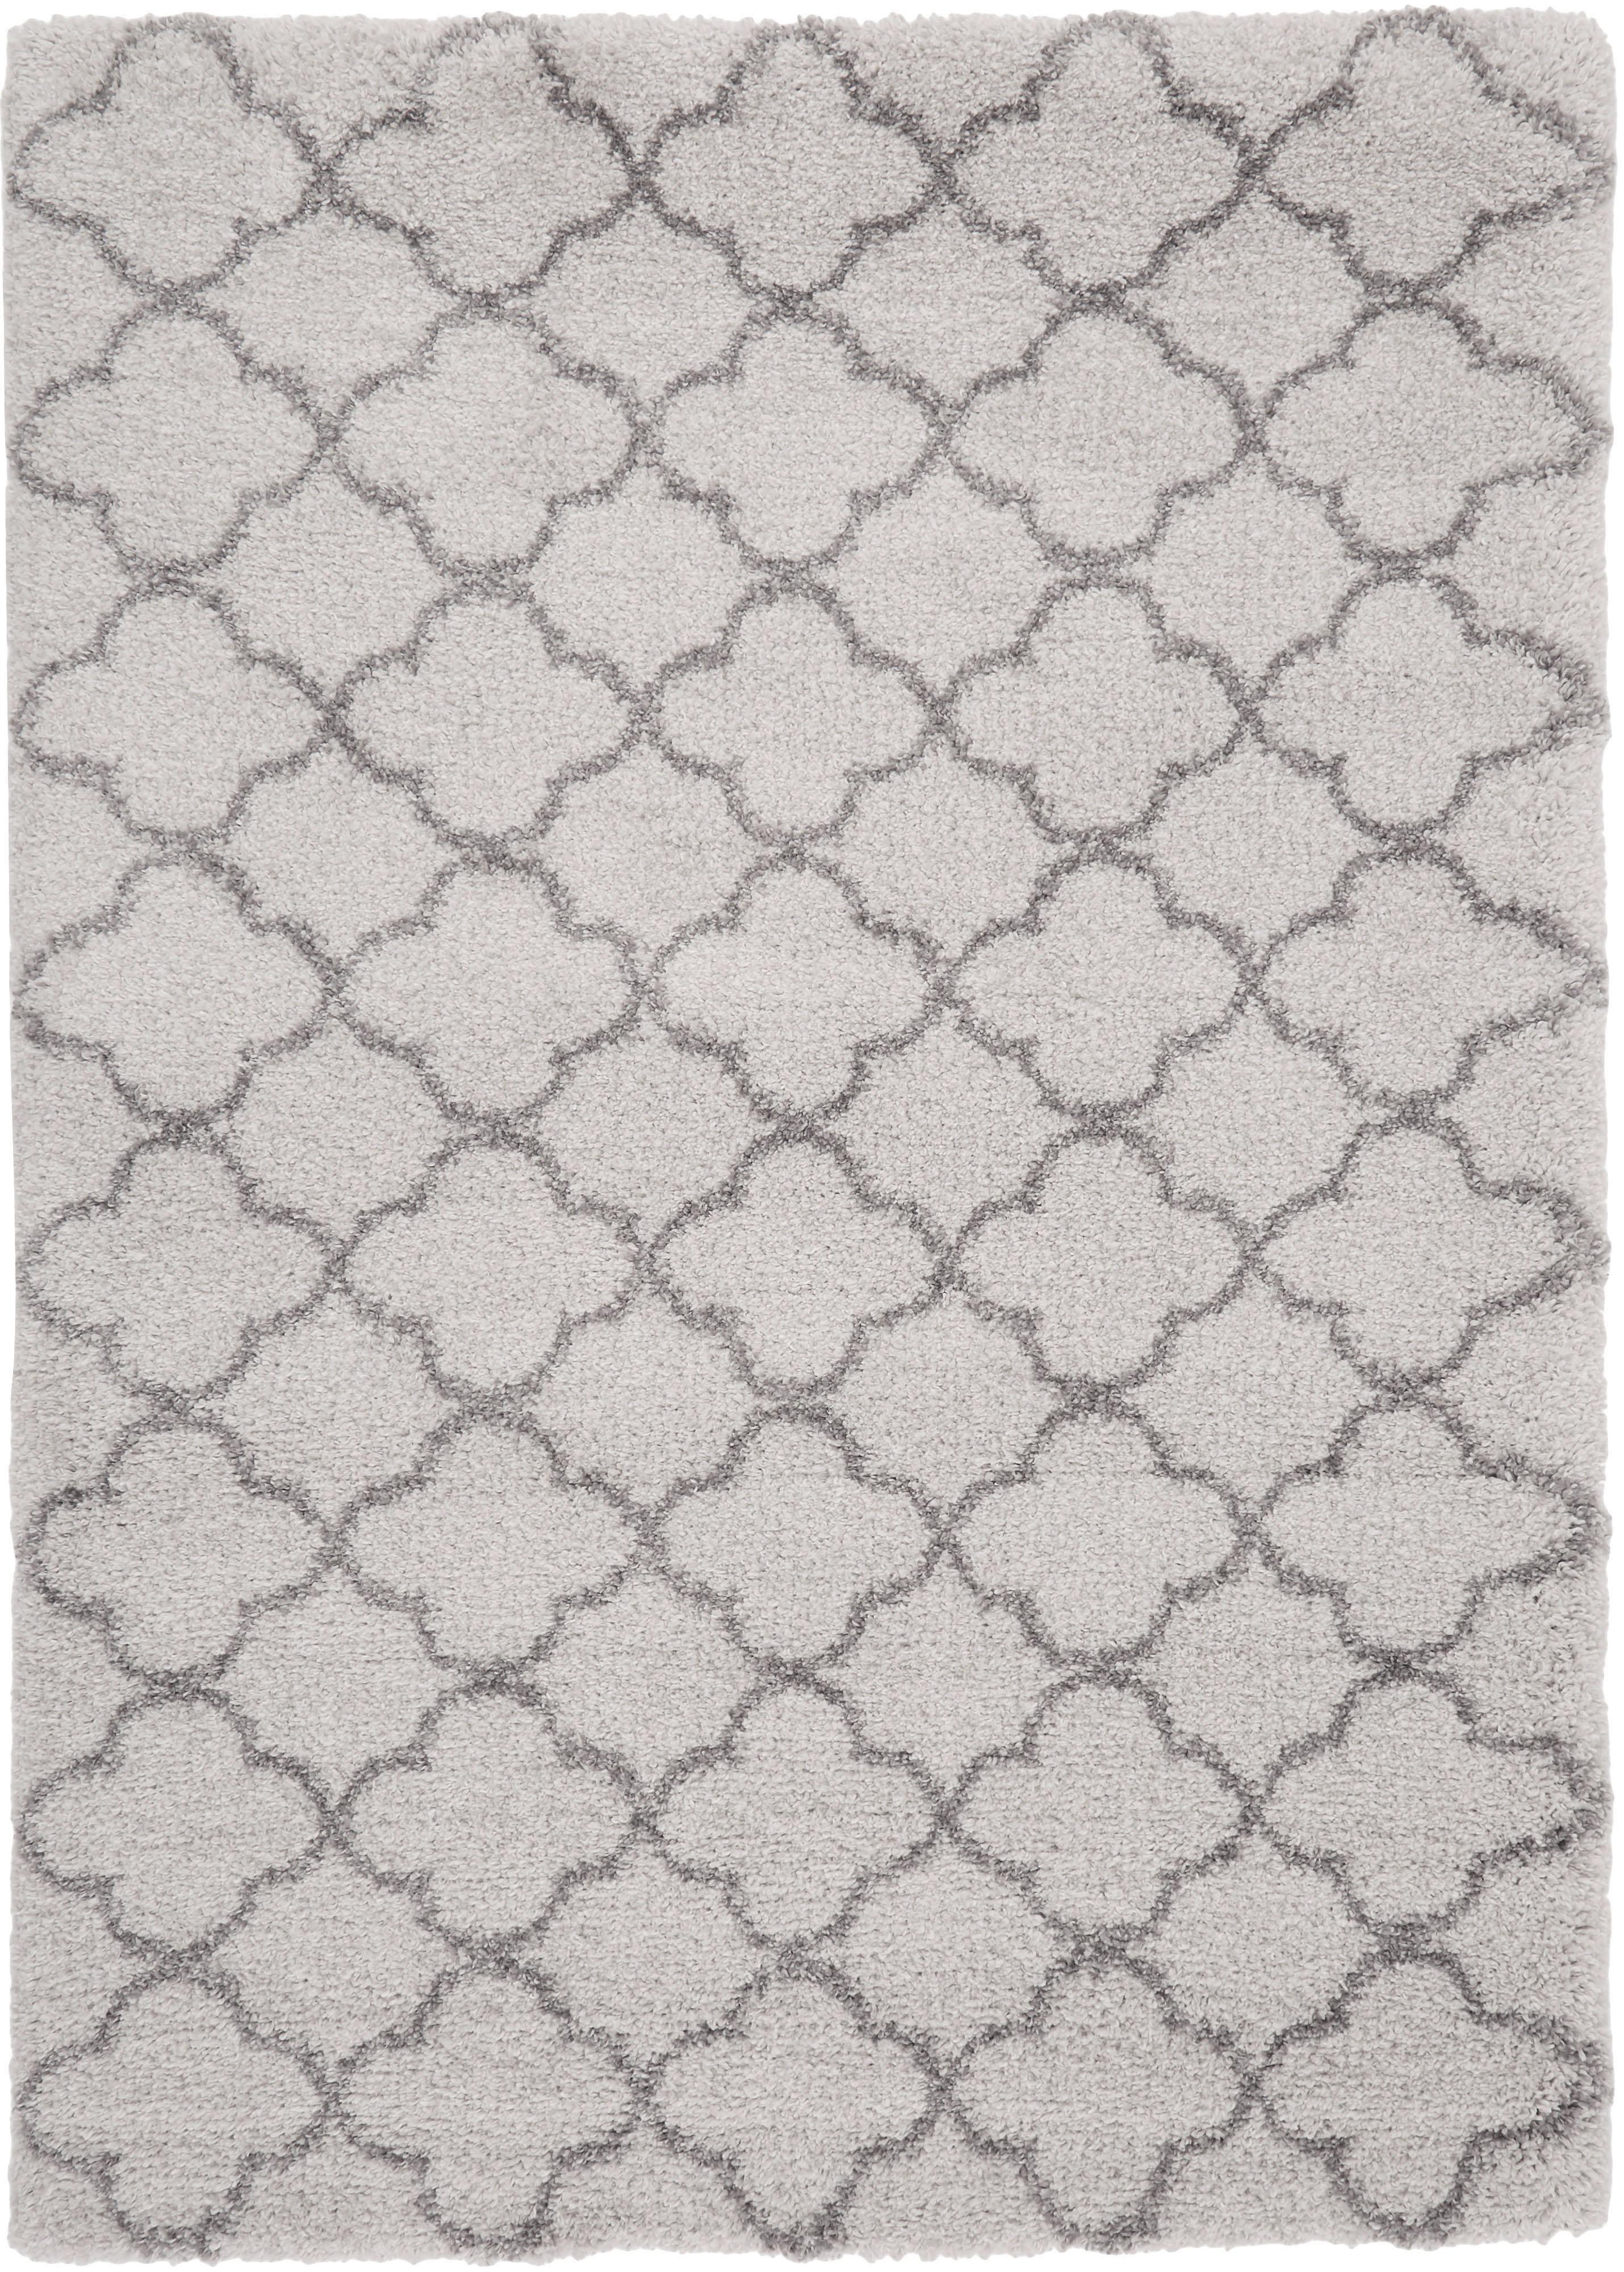 Tappeto a pelo corto crema-grigio Grace, Retro: juta, Crema, grigio, Larg. 120 x Lung. 170 cm (taglia S)